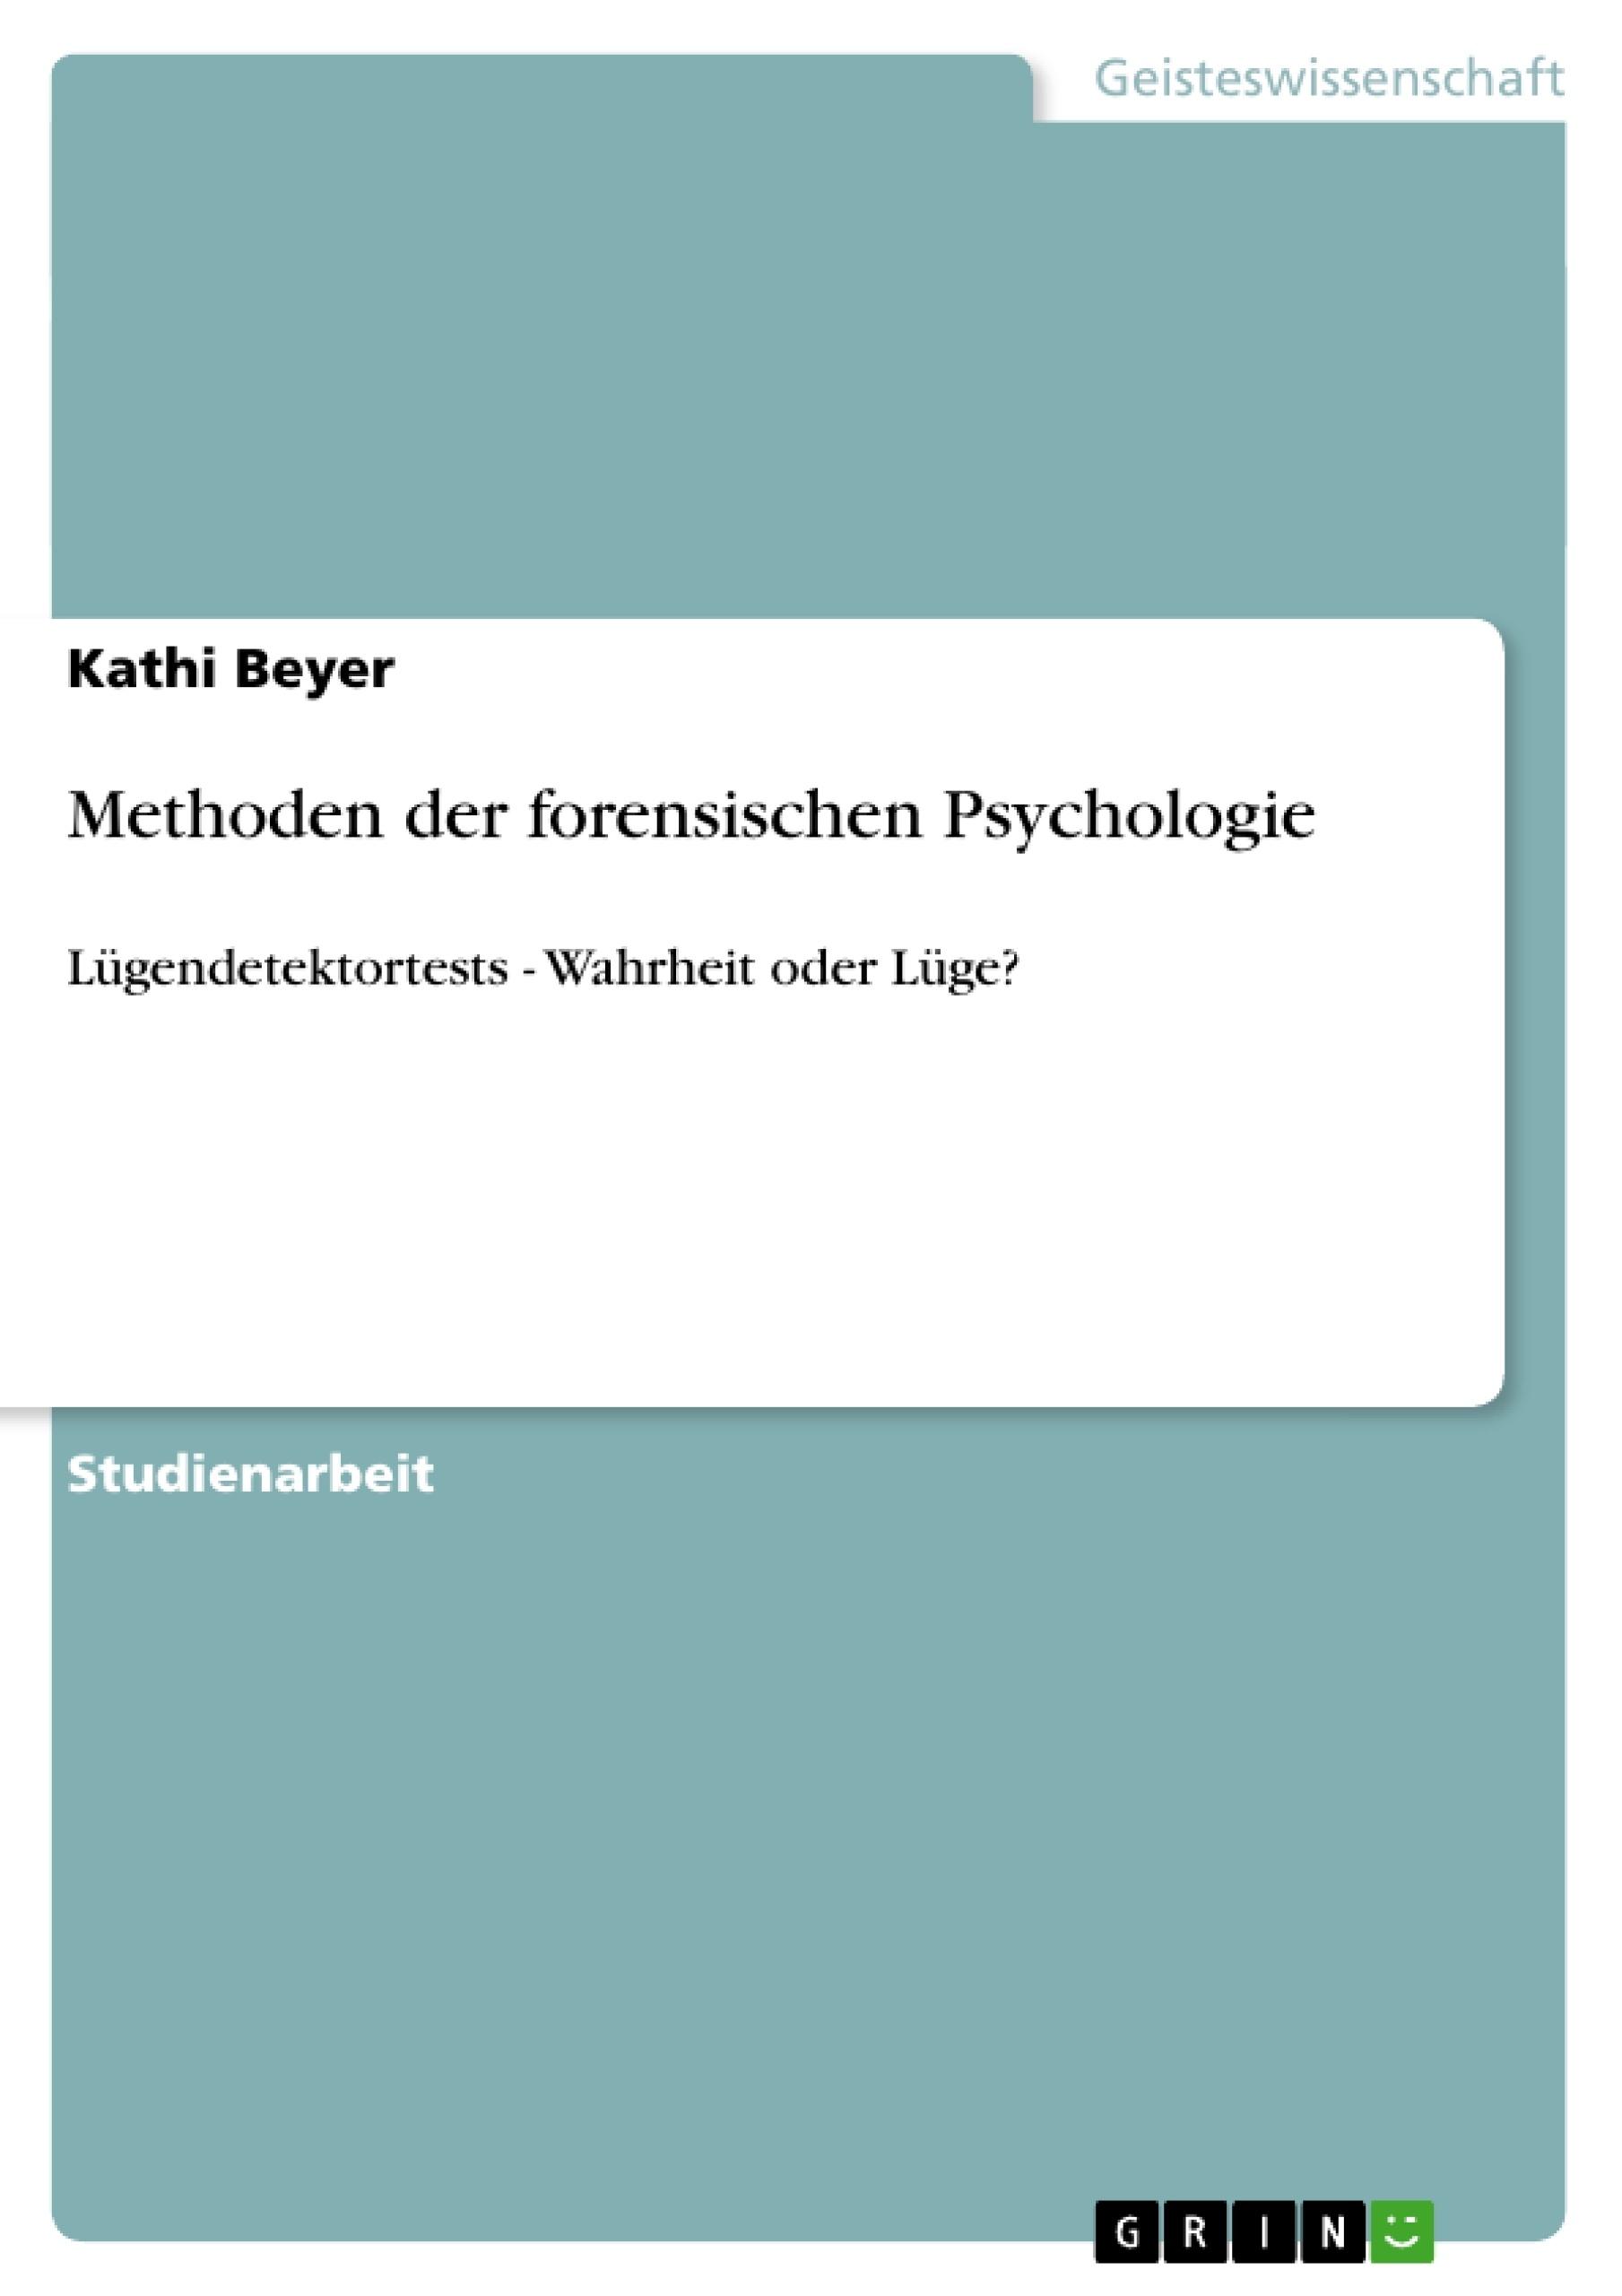 Titel: Methoden der forensischen Psychologie